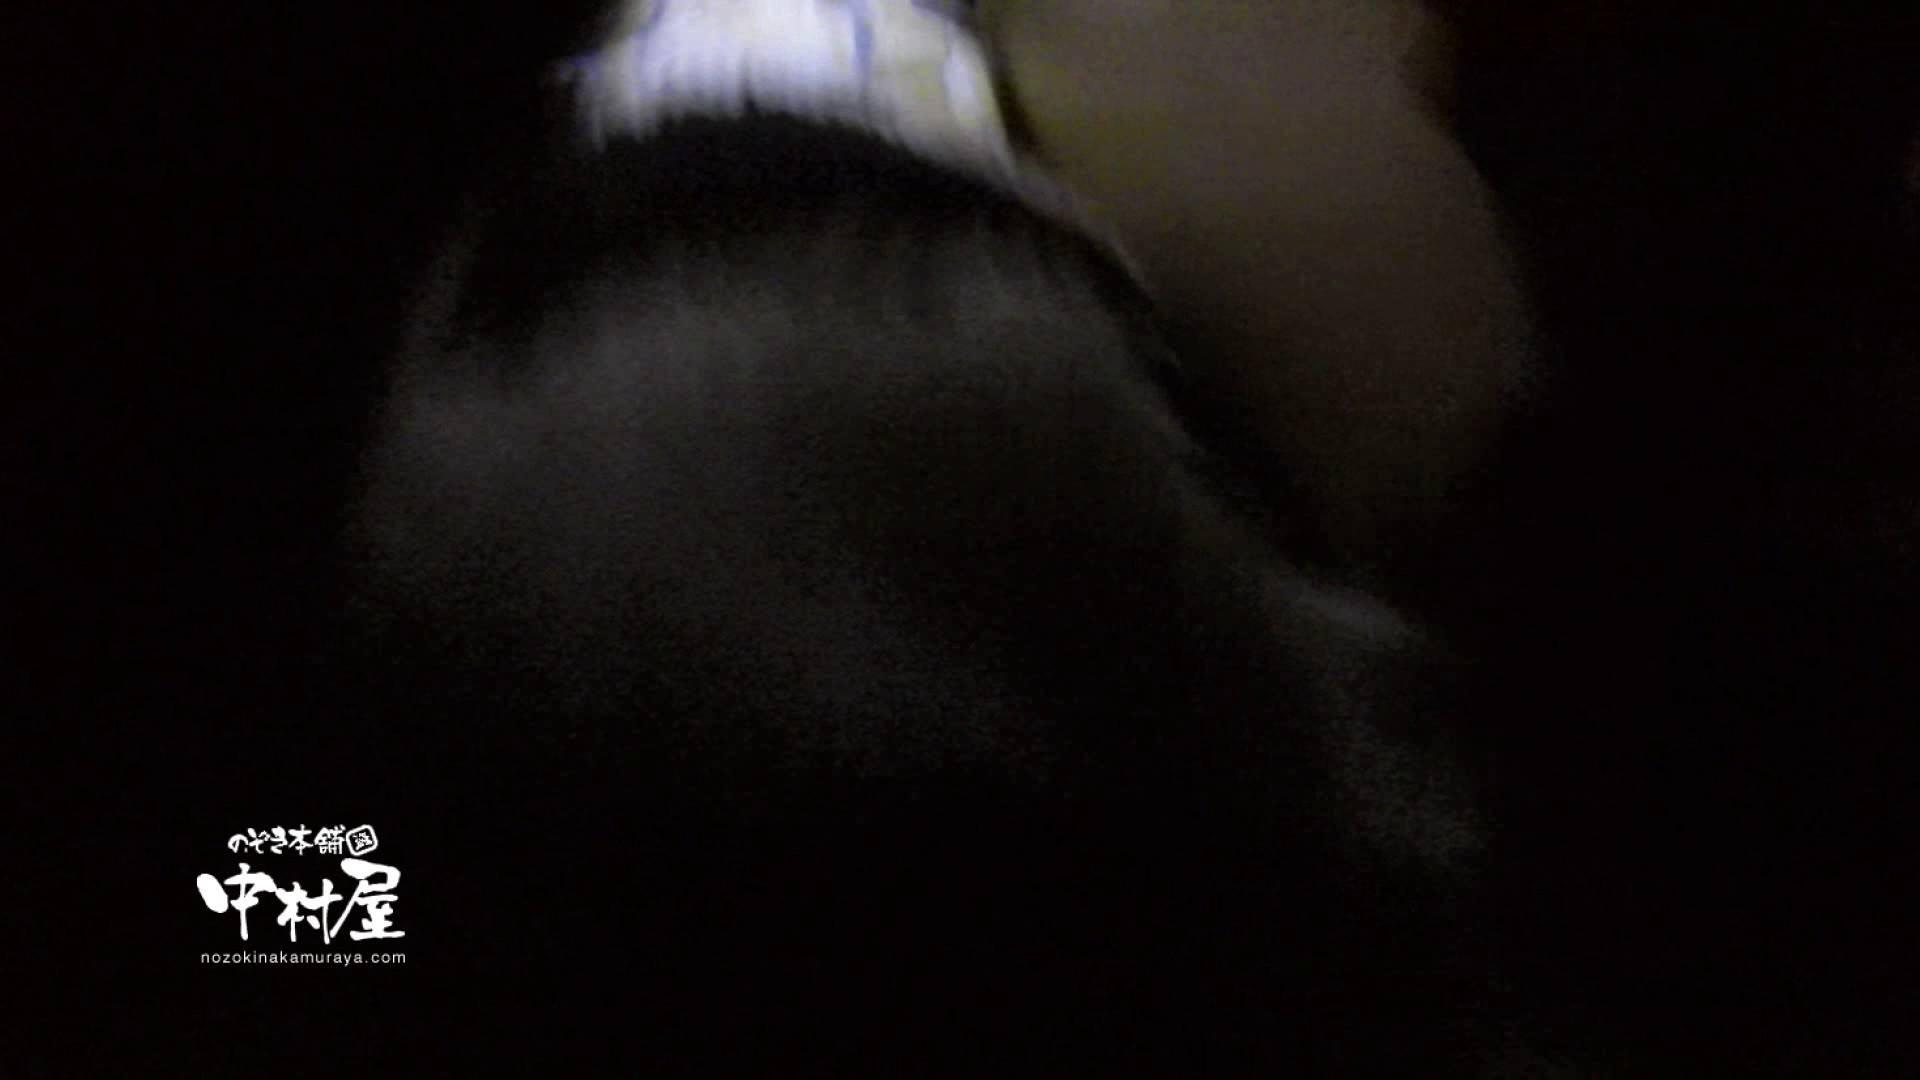 鬼畜 vol.09 無慈悲!中出し爆乳! 後編 中出し オメコ無修正動画無料 91pic 50